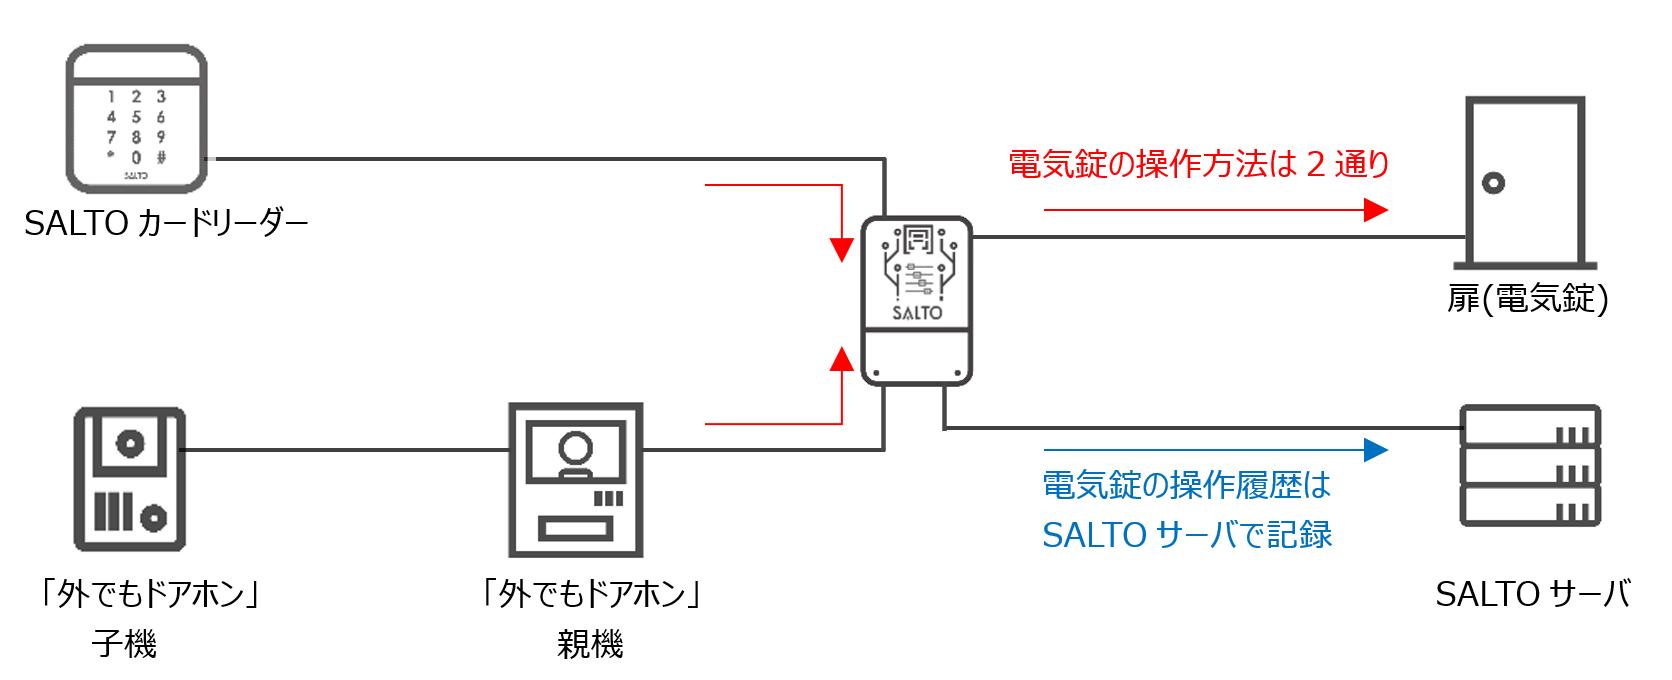 salto_shikumi